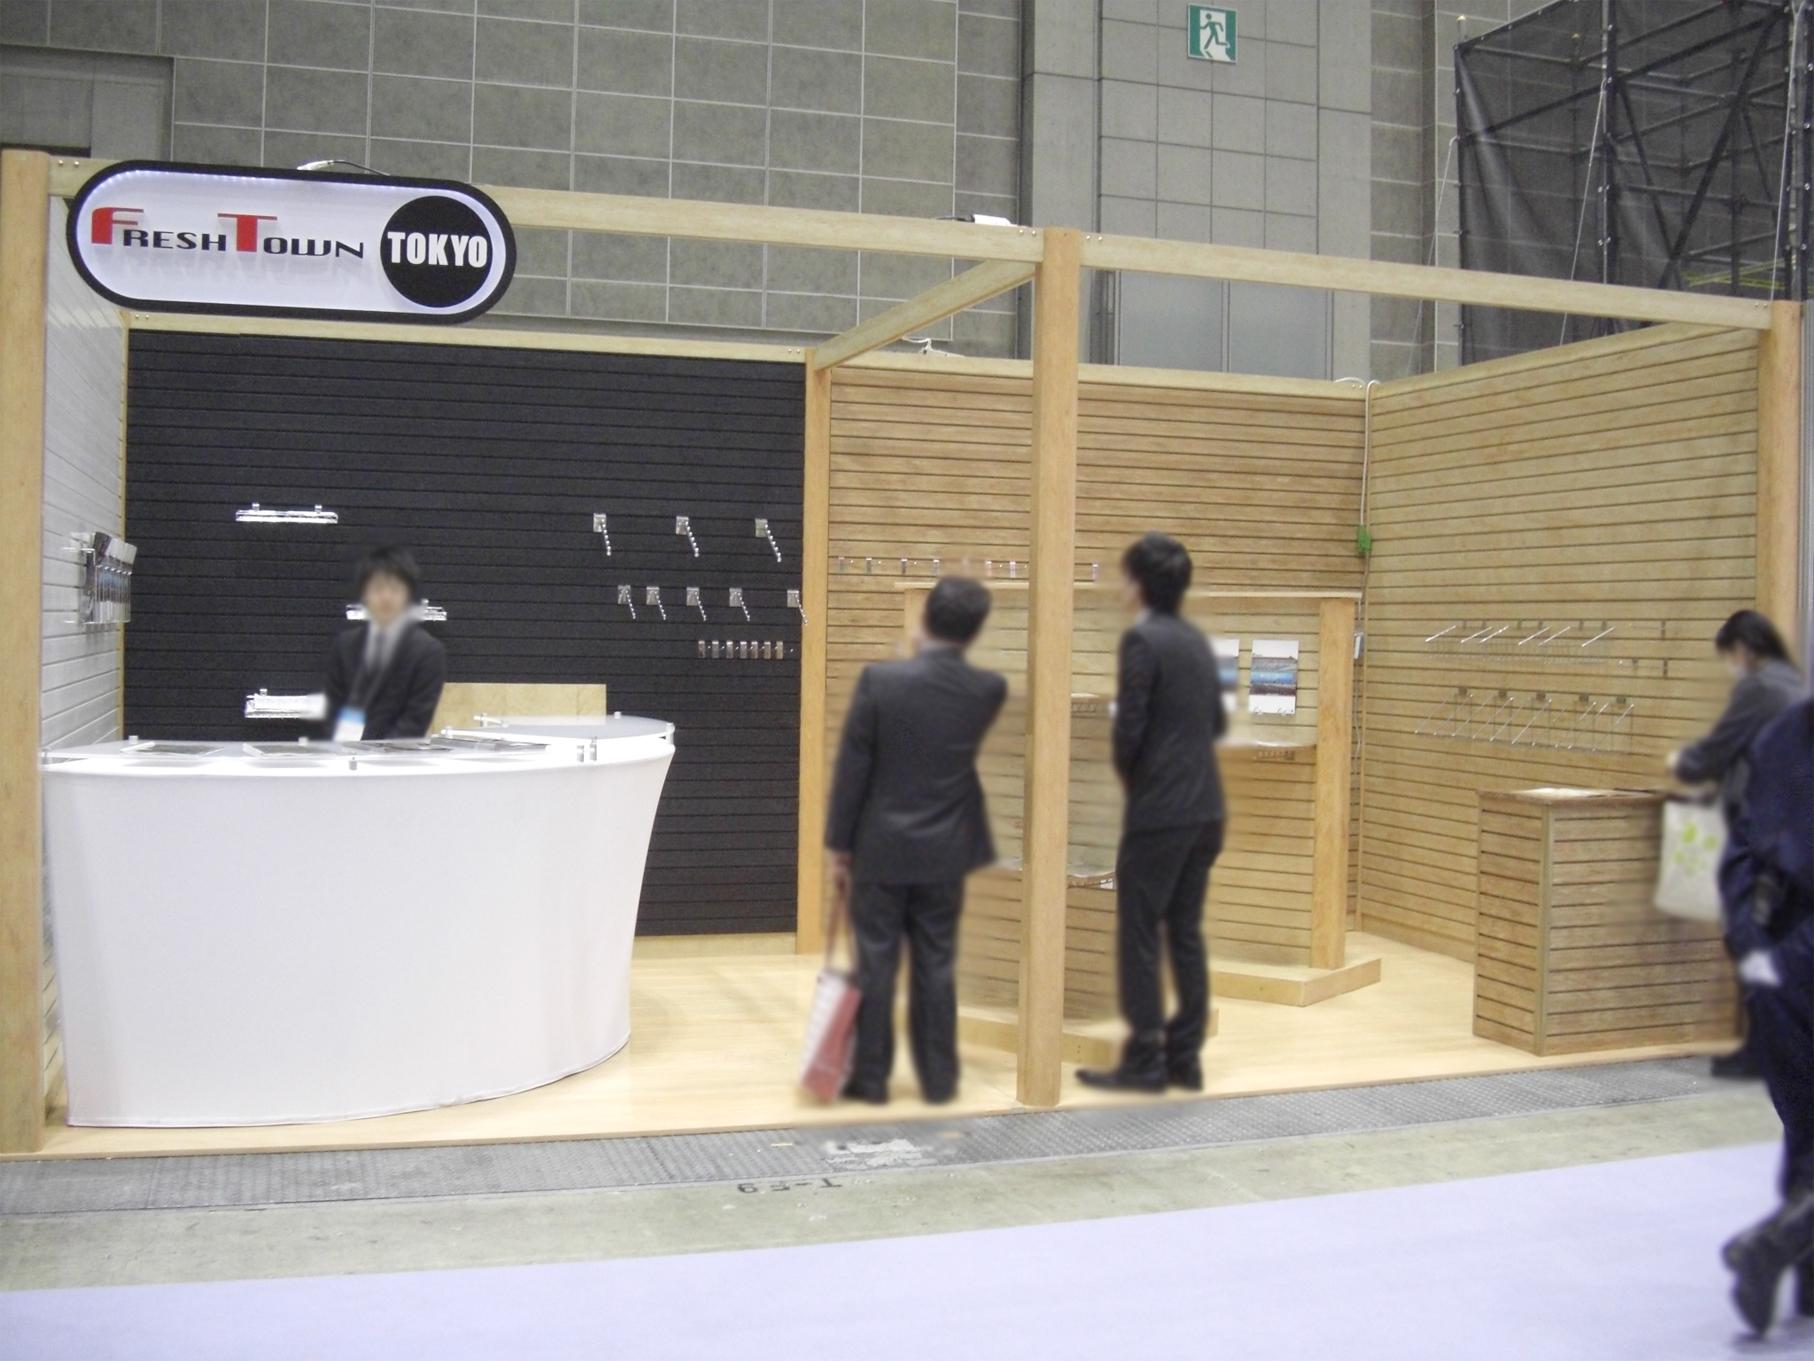 第3回国際イベント総合展 2011 東京ビッグサイト / 自社ブース(6Mx3M)